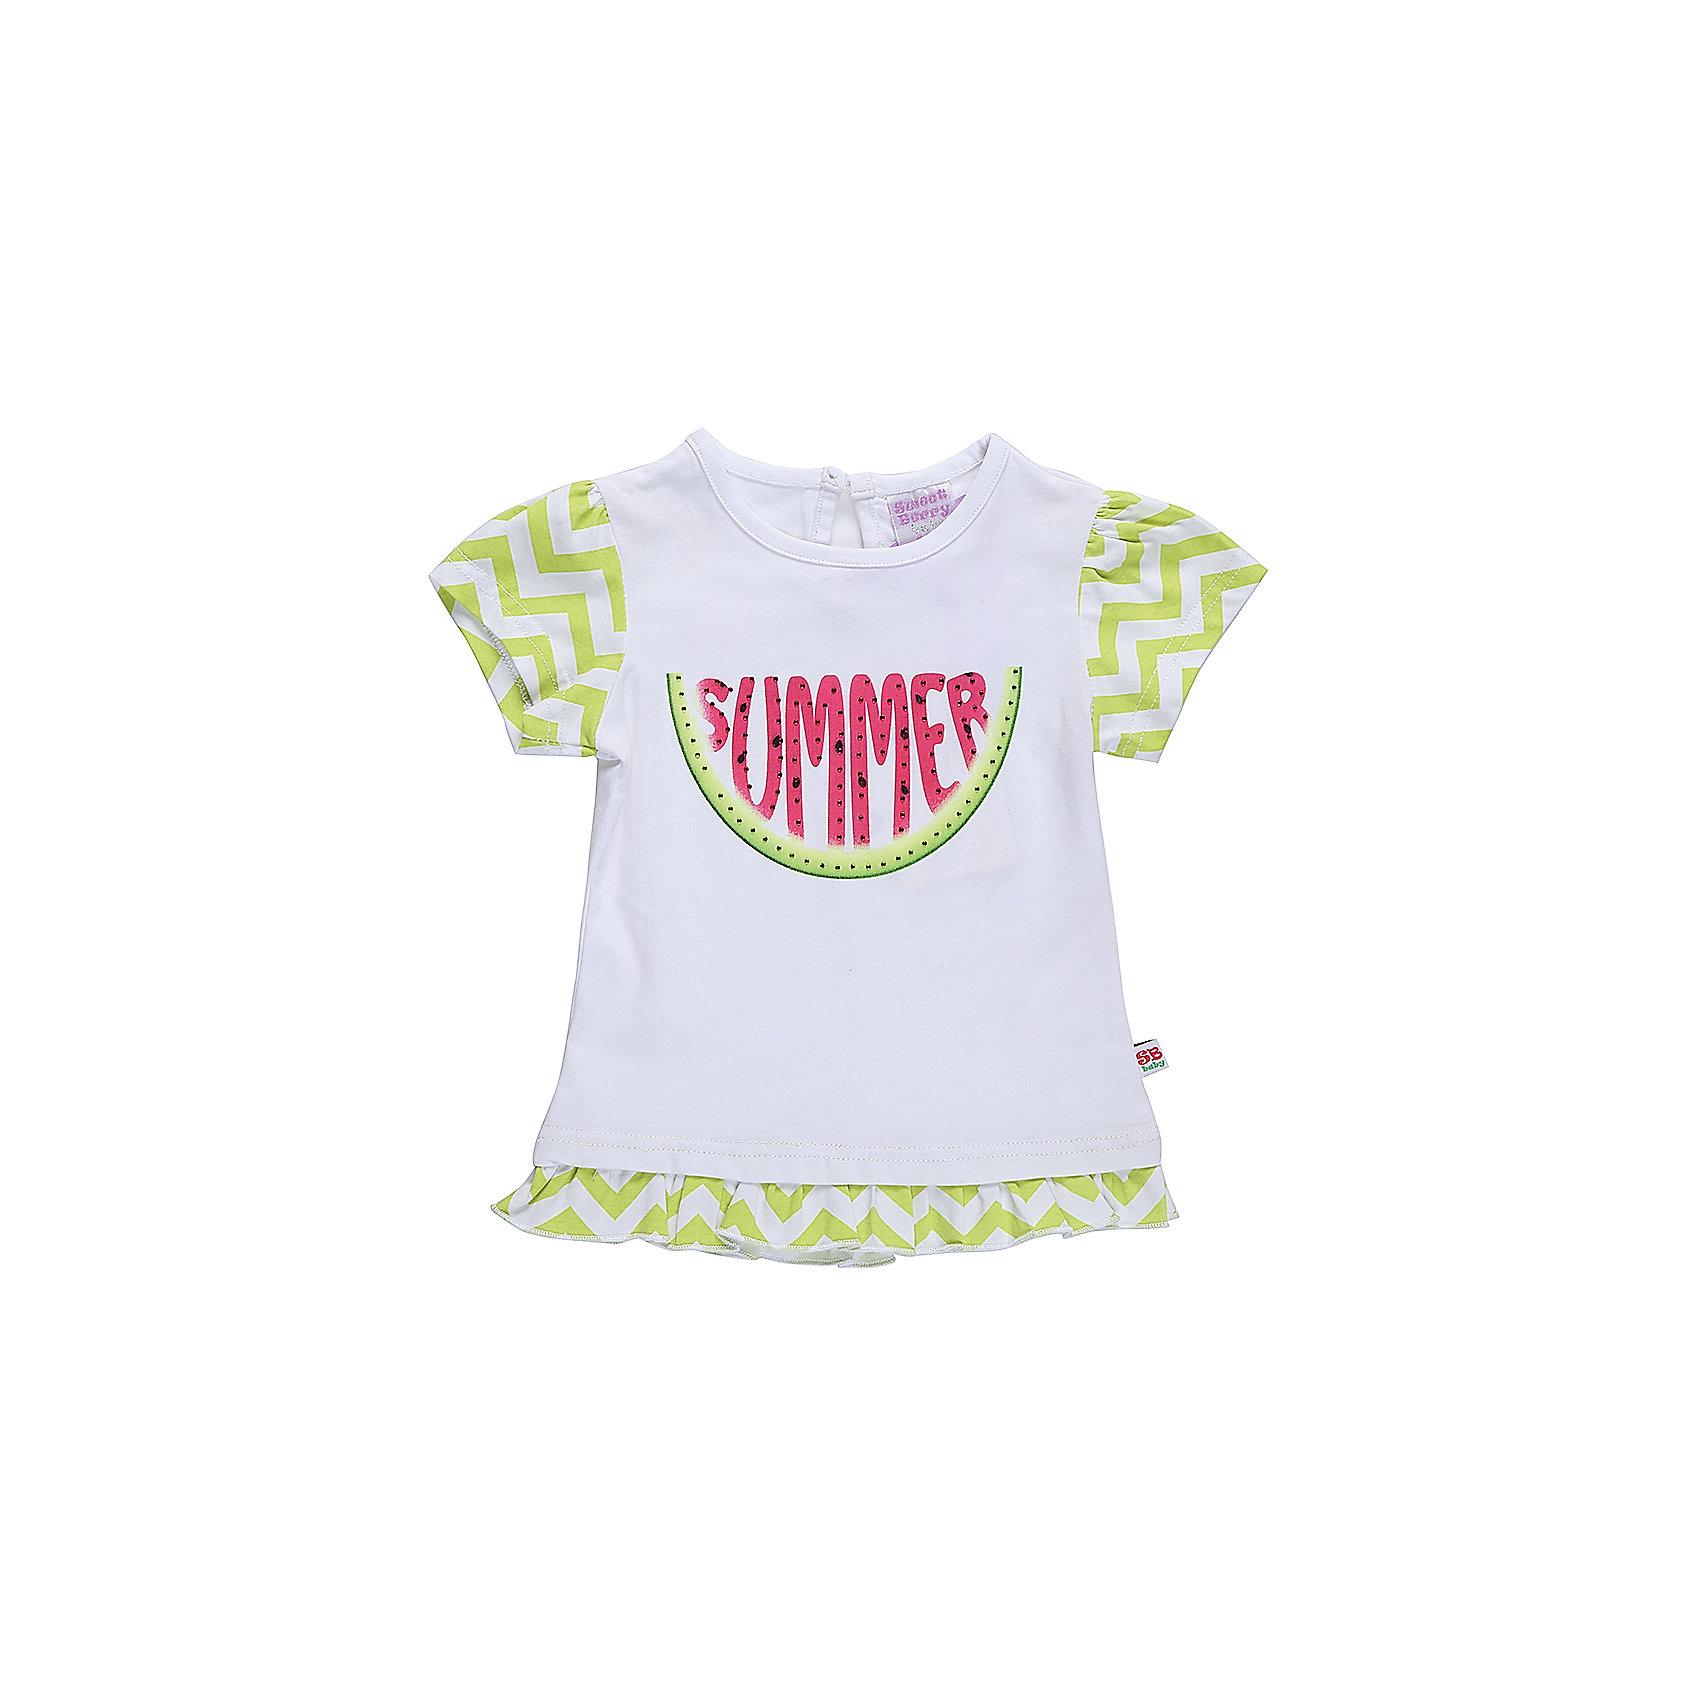 Футболка для девочки Sweet BerryФутболки, топы<br>Хлопковая, удленненая  футболка для девочки с оригинальным принтом. Короткий рукав, низ изделия декорированволаном Застежка на пуговке на спинке. Горловина выполнена из контрастной ткани.<br>Состав:<br>95%хлопок 5%эластан<br><br>Ширина мм: 199<br>Глубина мм: 10<br>Высота мм: 161<br>Вес г: 151<br>Цвет: белый<br>Возраст от месяцев: 12<br>Возраст до месяцев: 15<br>Пол: Женский<br>Возраст: Детский<br>Размер: 80,86,92,98<br>SKU: 5411282